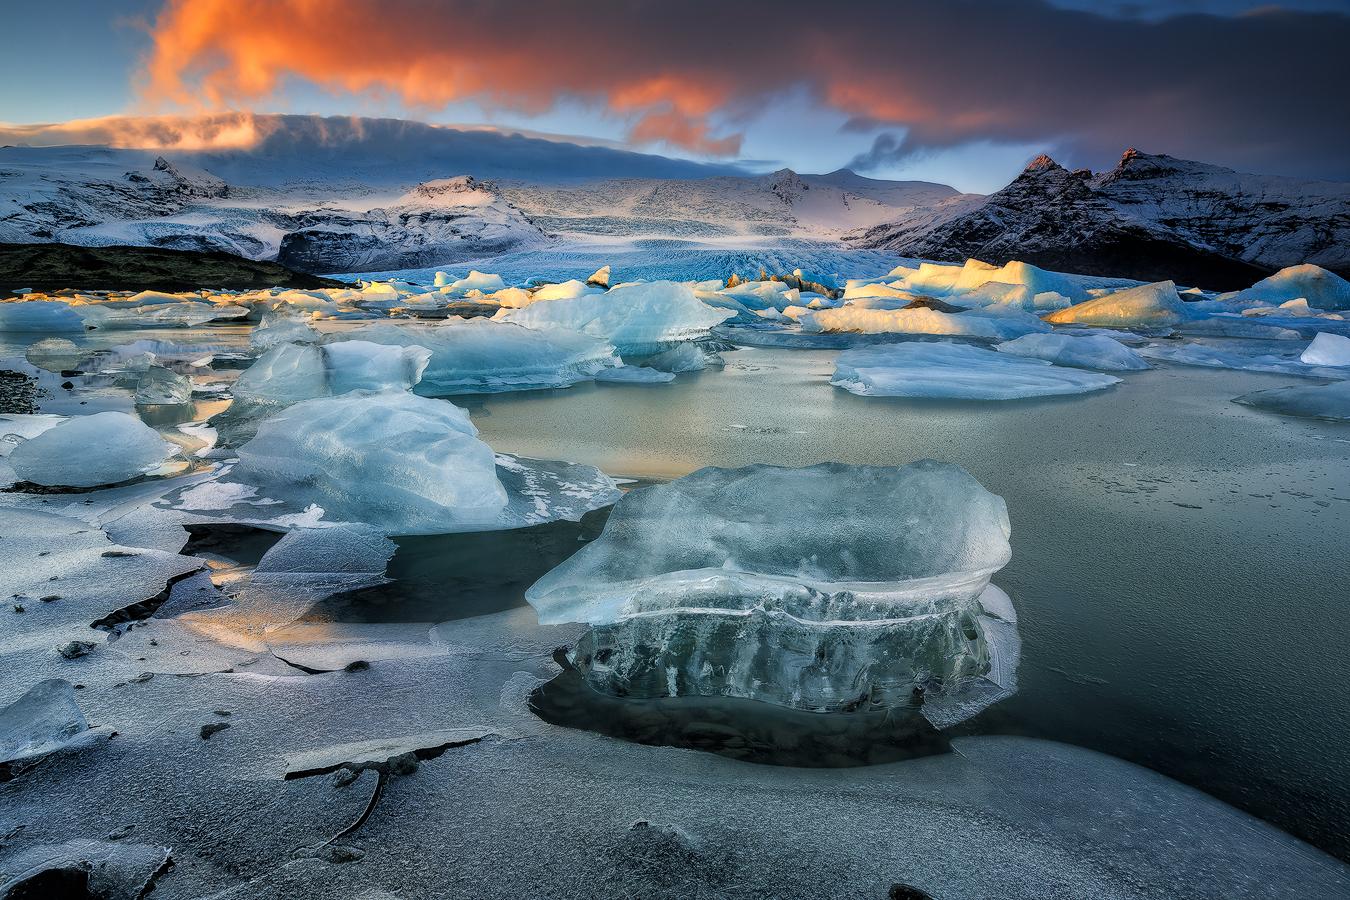 杰古沙龙冰河湖是冰岛自然王冠上的明珠。